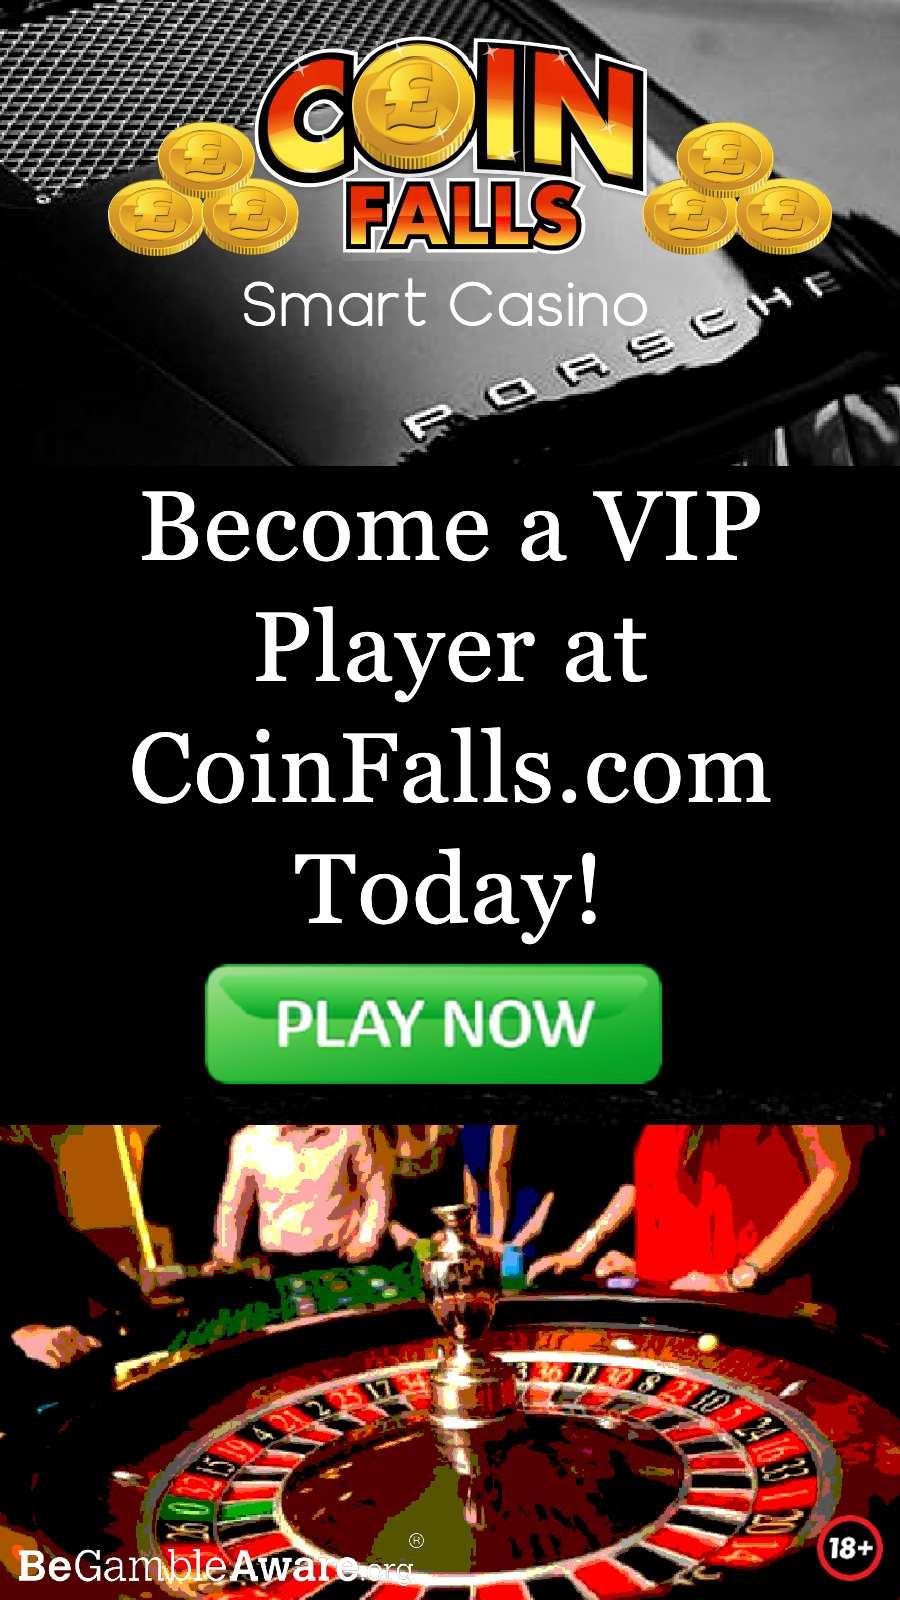 CoinFalls Casino Visit CoinFalls.com